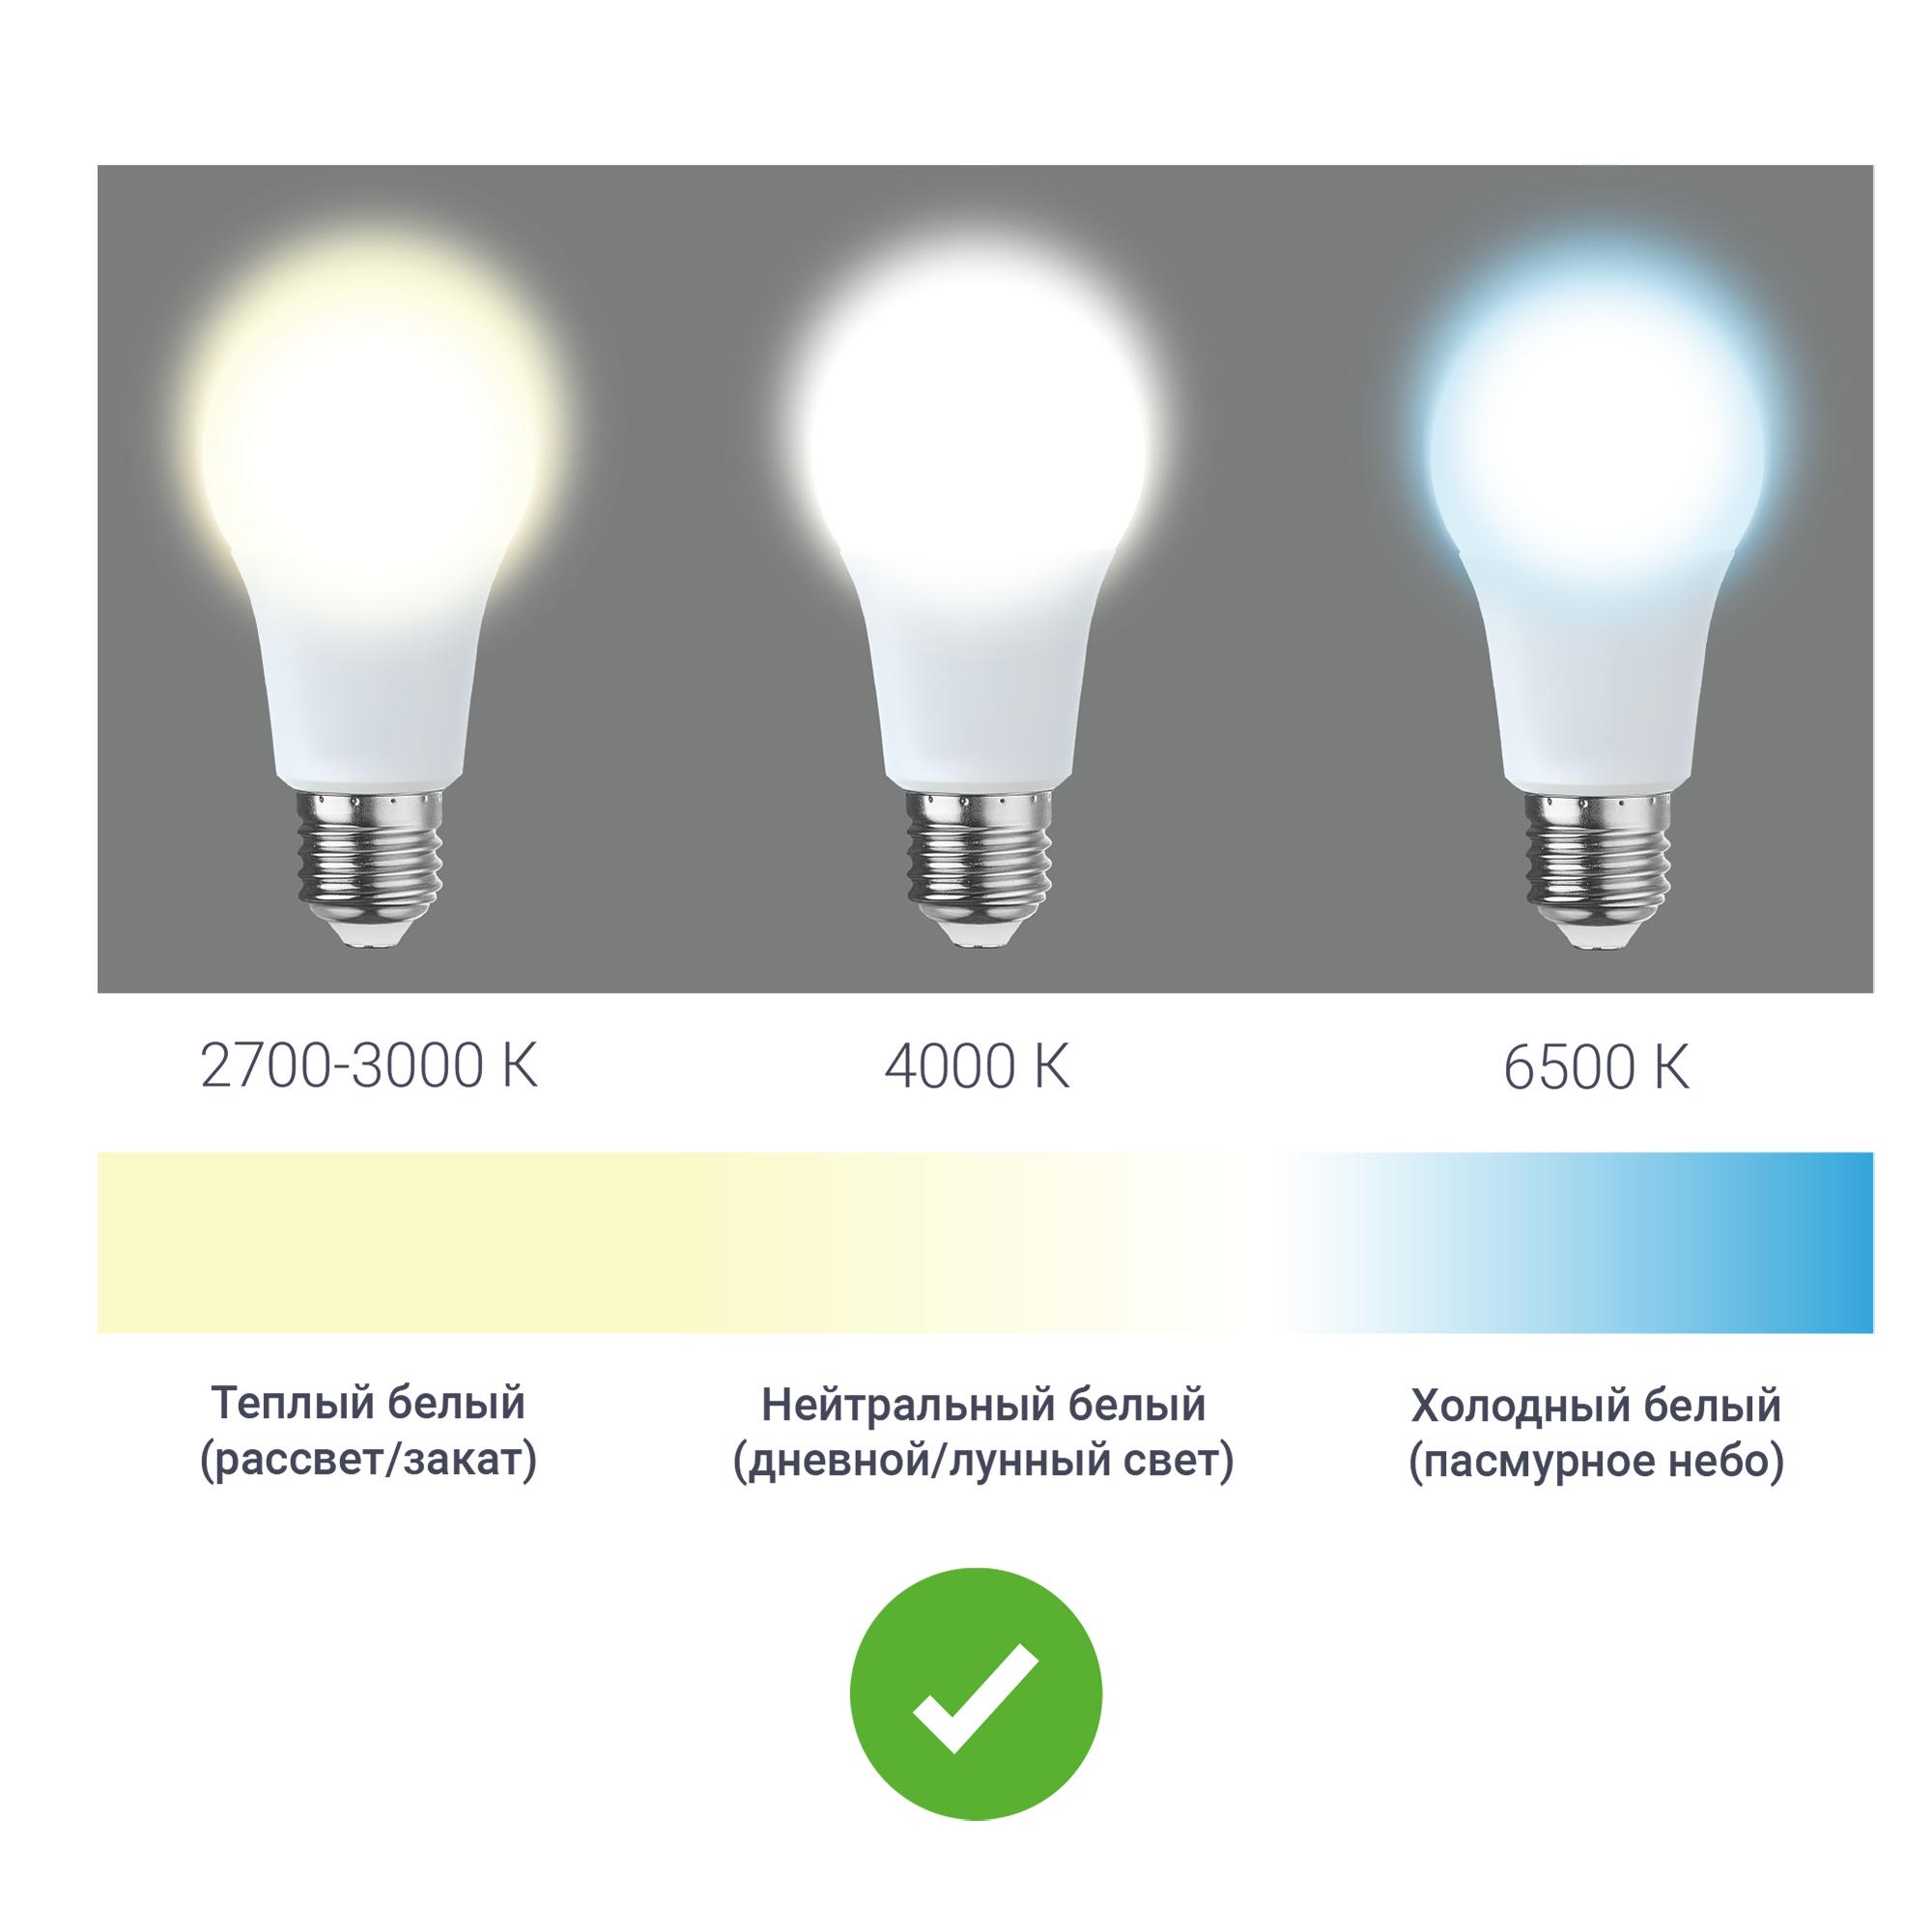 Лампа светодиодная Gauss LED Filament E14 11 Вт шар прозрачный 750 лм нейтральный белый свет